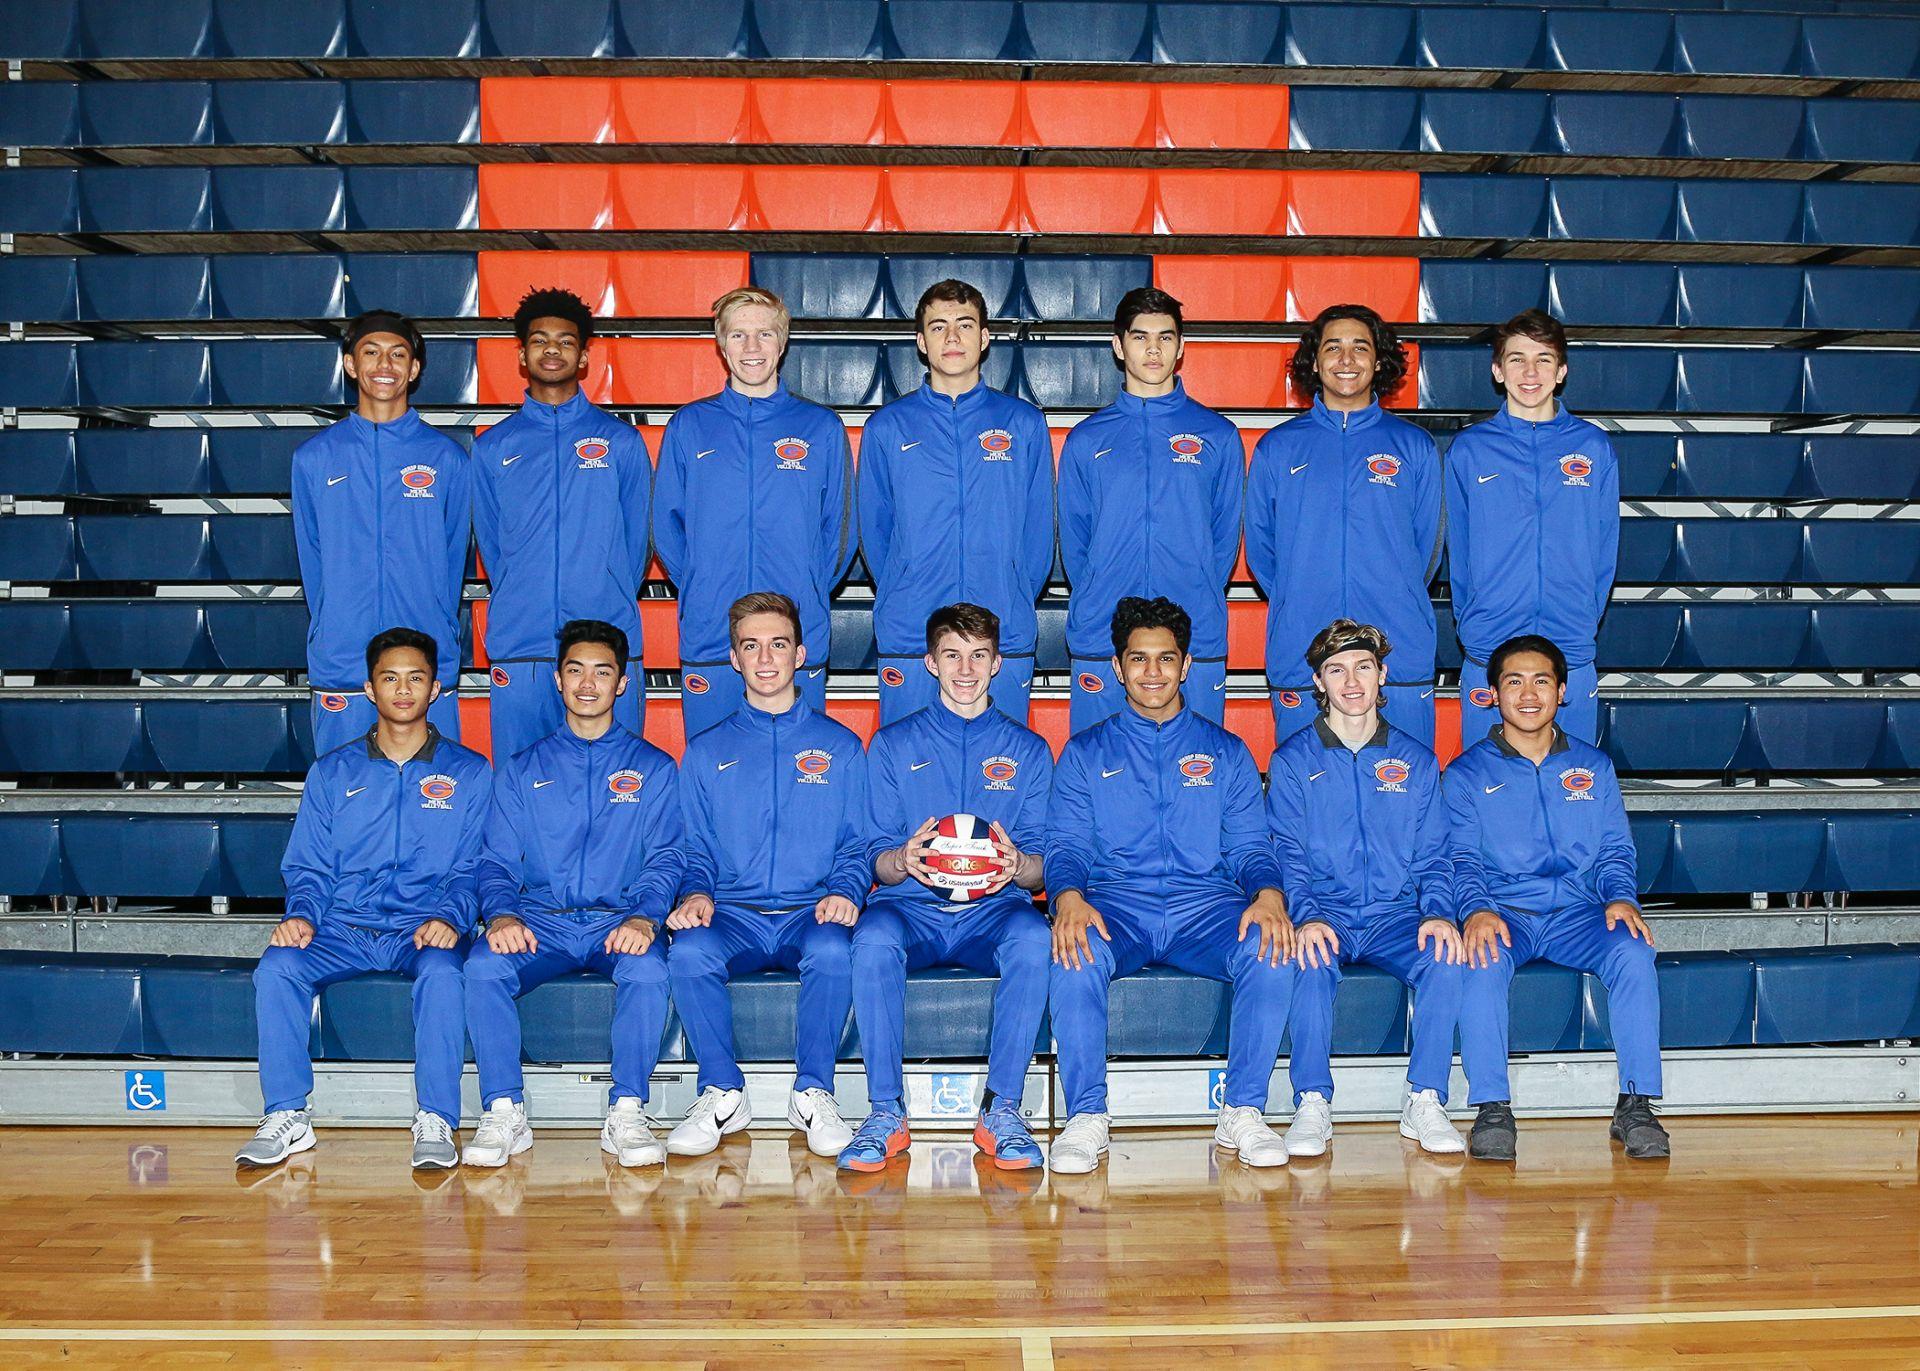 Bishop Gorman High School | Volleyball - Men